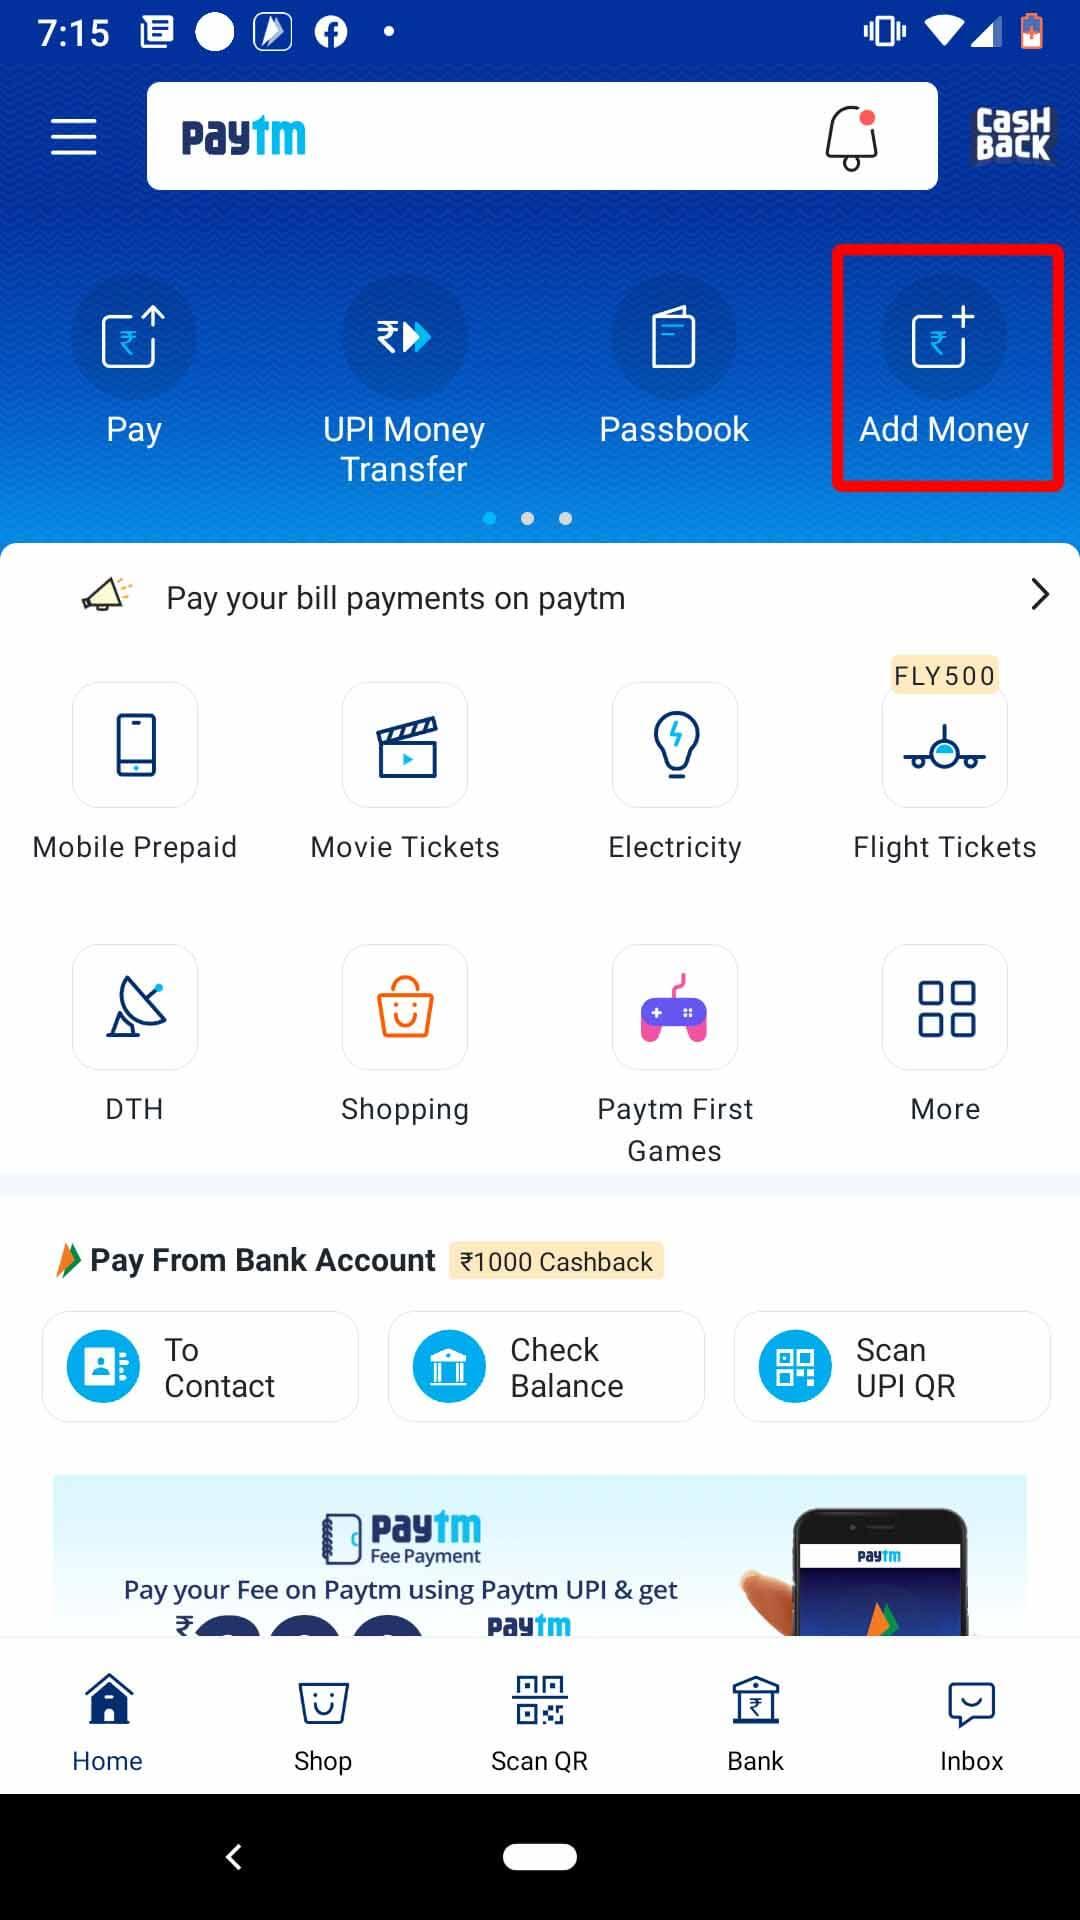 add money to you paytm